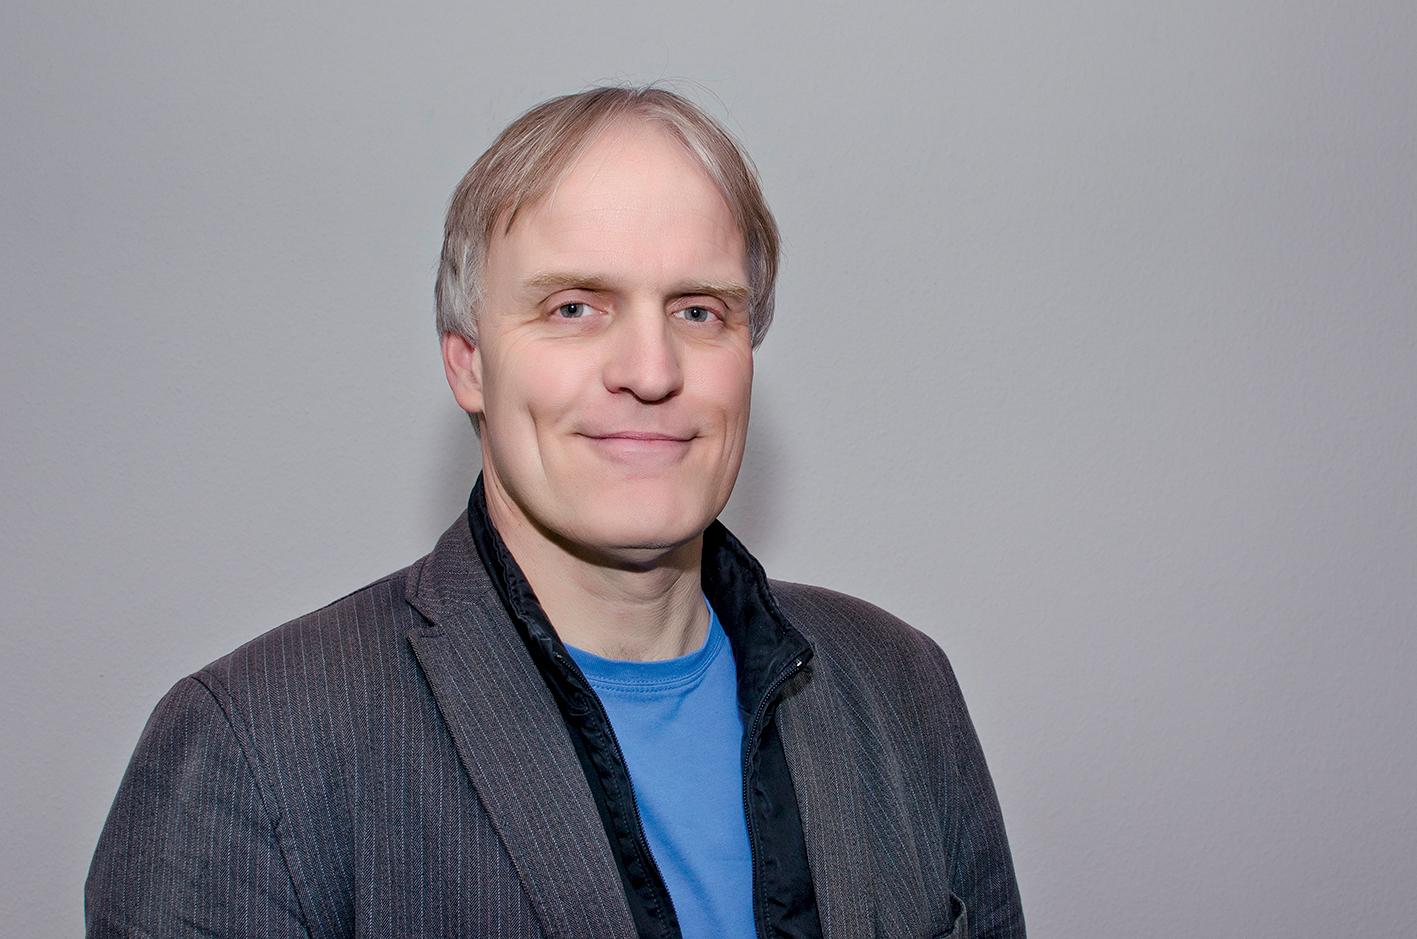 Bernhard Herrmann